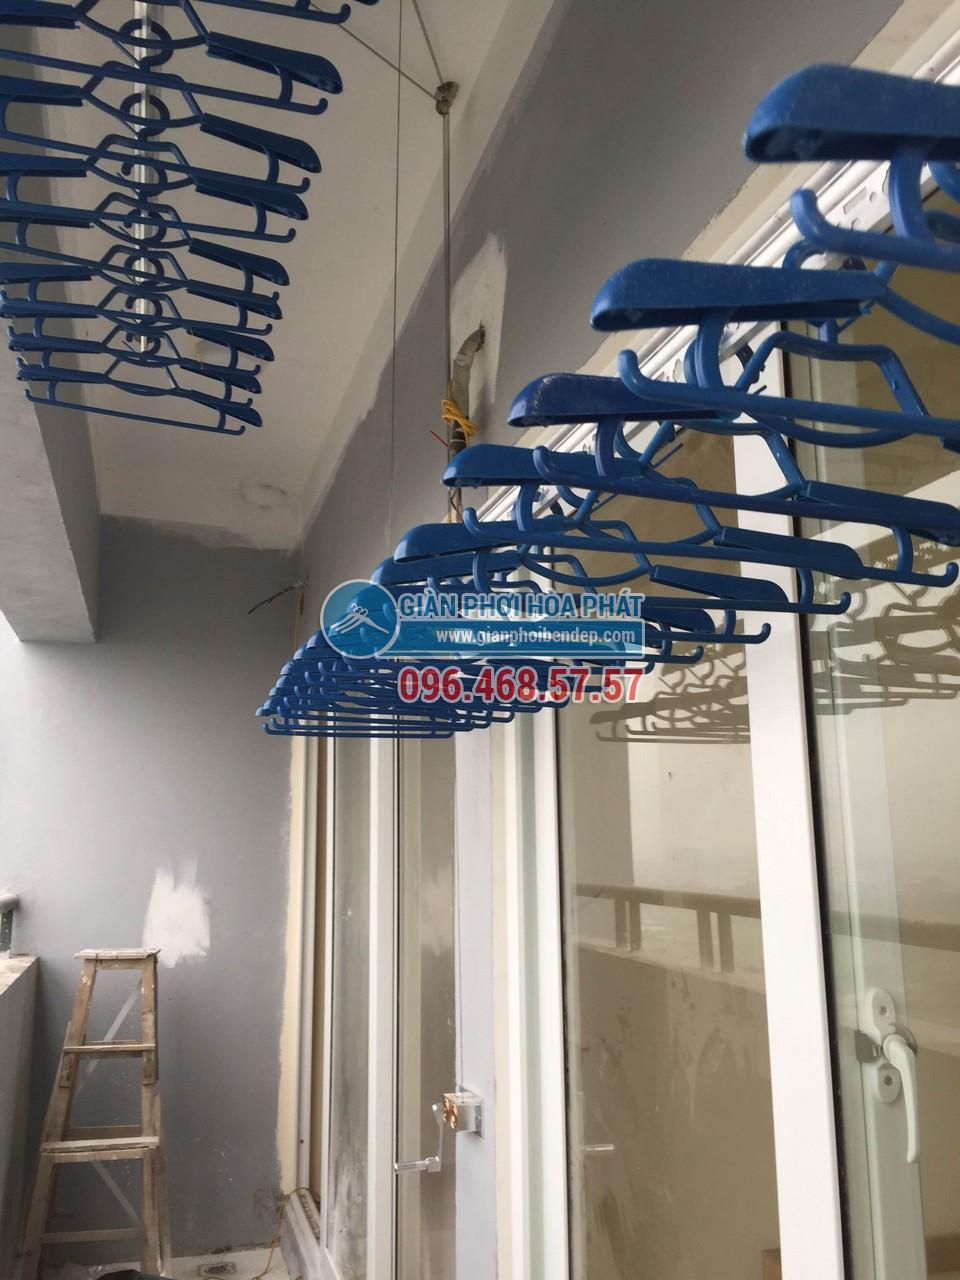 Hình ảnh lắp đặt thực tế của giàn phơi thông minh Hòa Phát Star HP999B